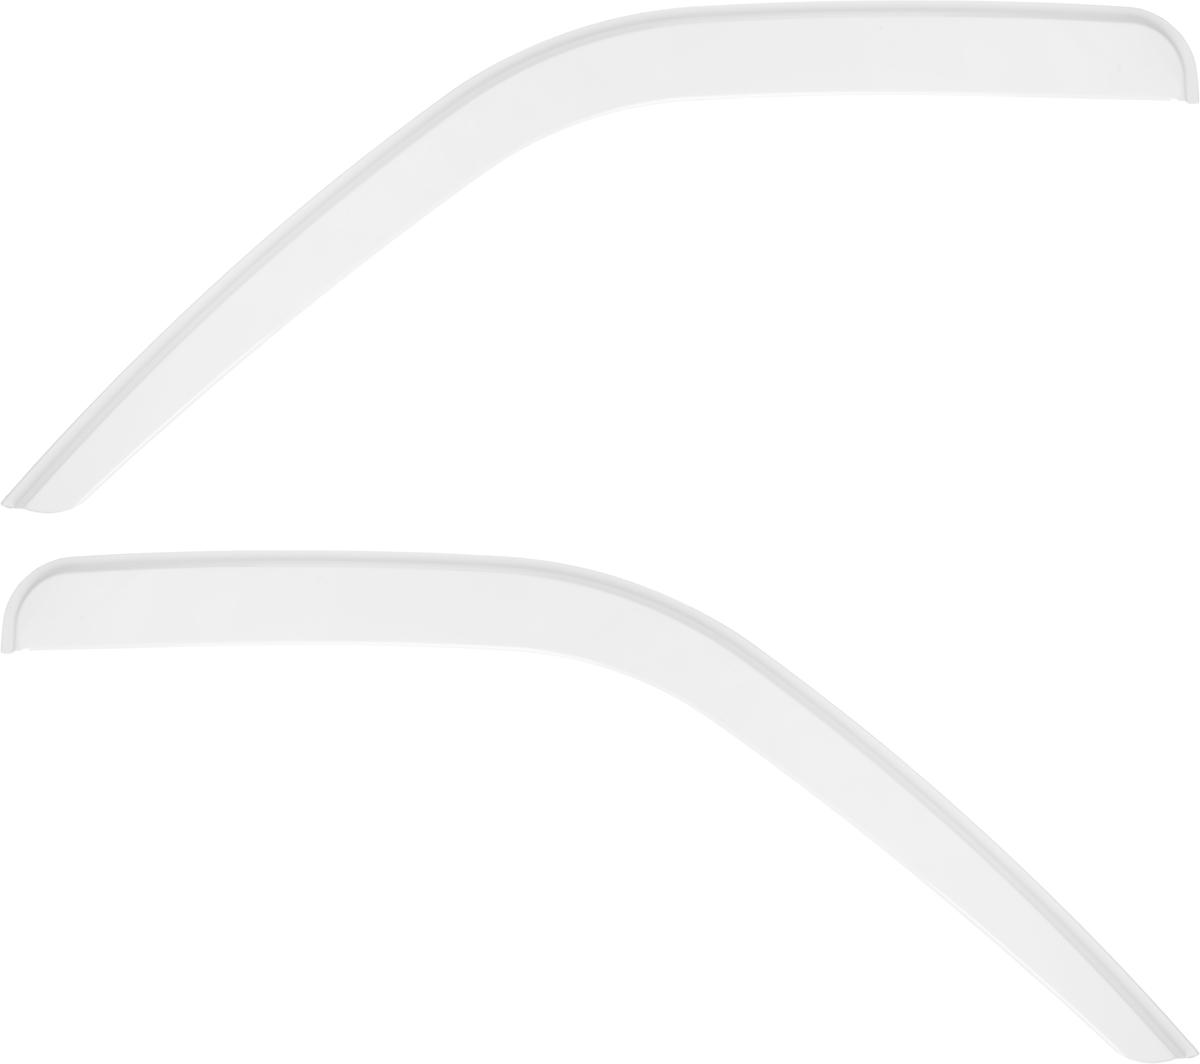 Ветровик REIN, для Газ 3302 Газель, цвет: белый, на накладной скотч 3М, 2 шт куплю газель фермер 3302 в чувашии 2008